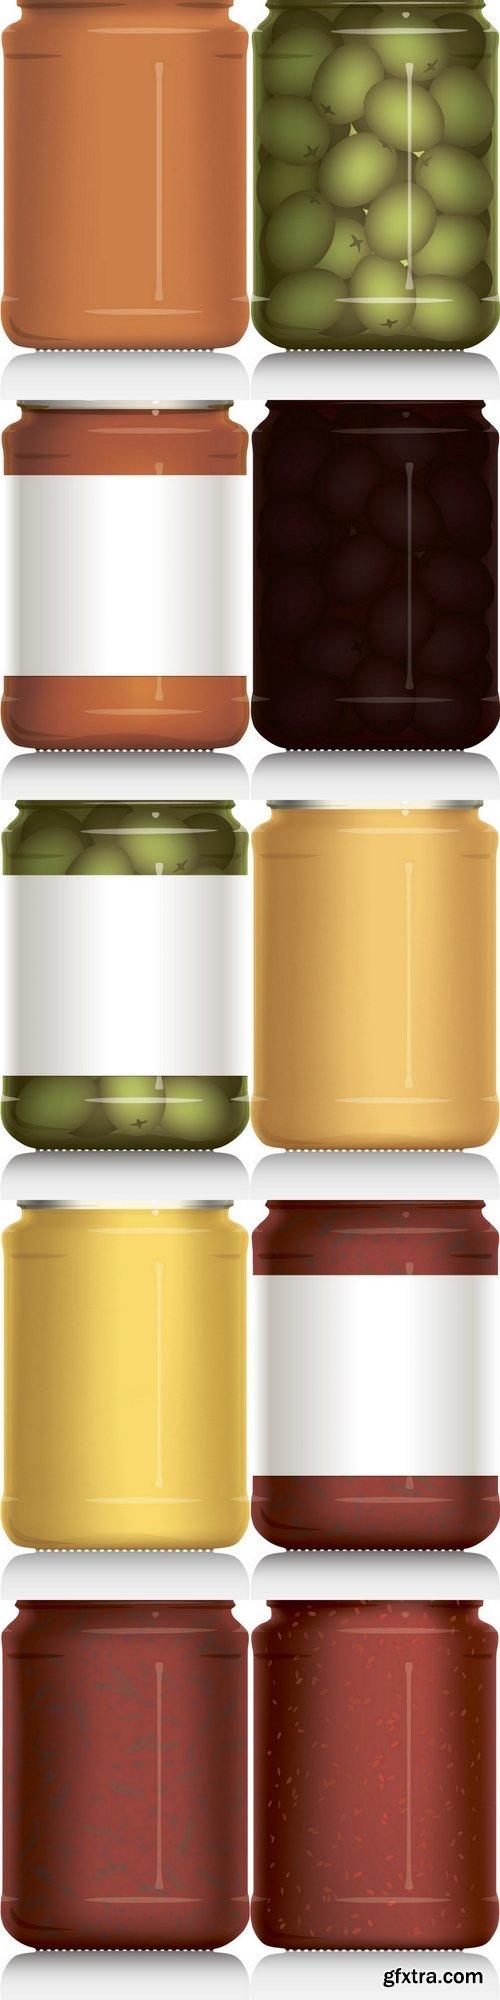 Jar vector visual illustration